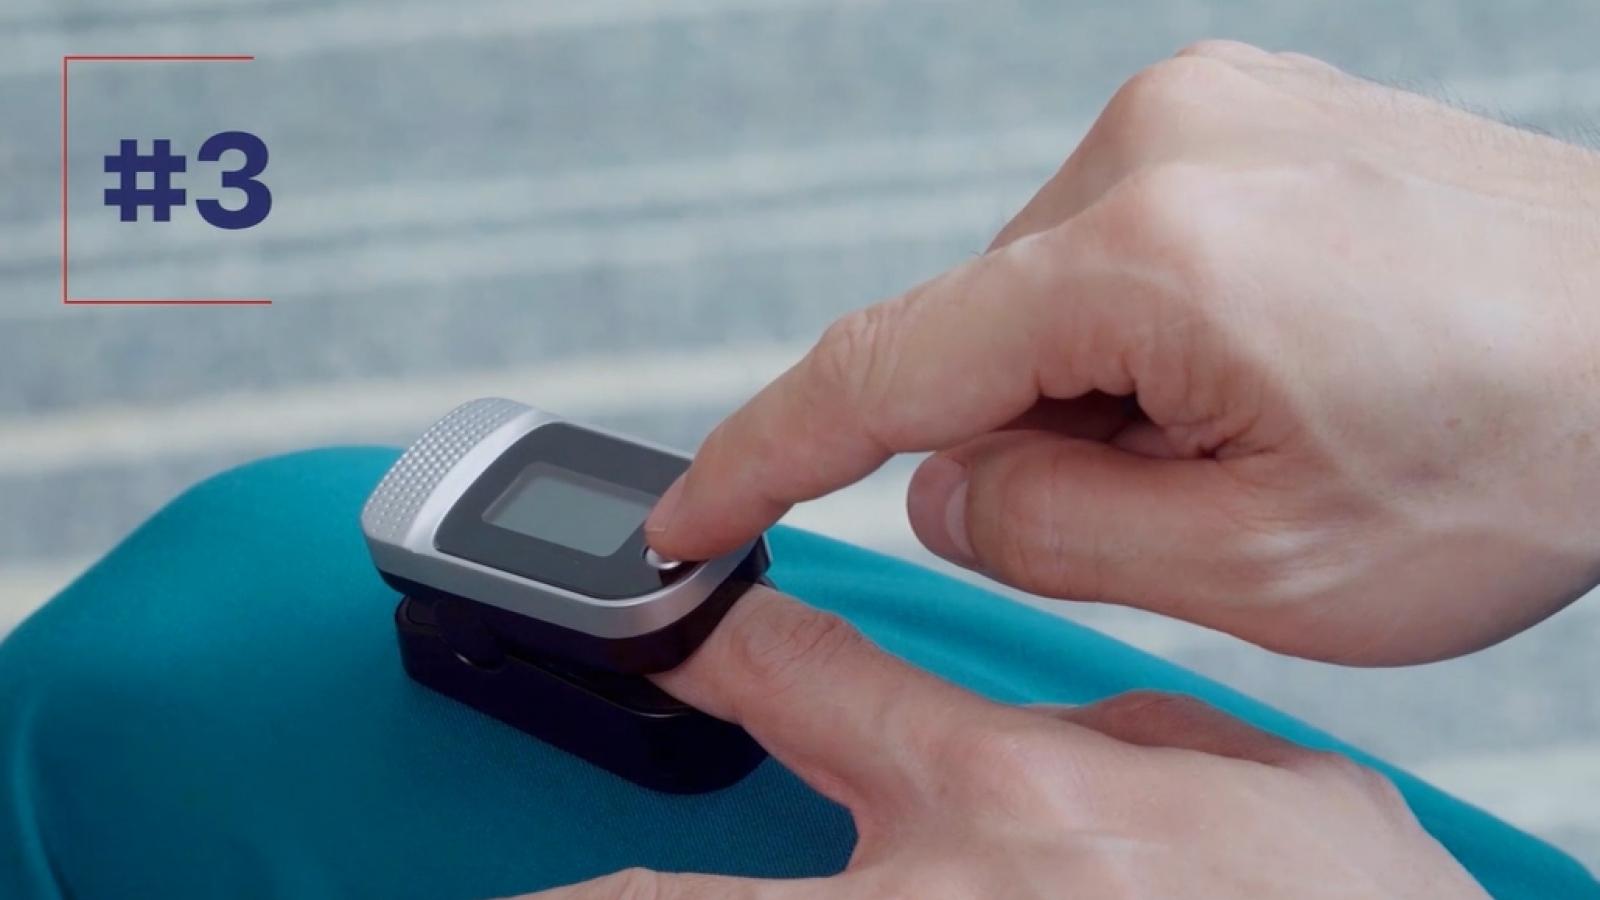 Hướng dẫn sử dụng thiết bị y tế hỗ trợ điều trị F0 tại nhà